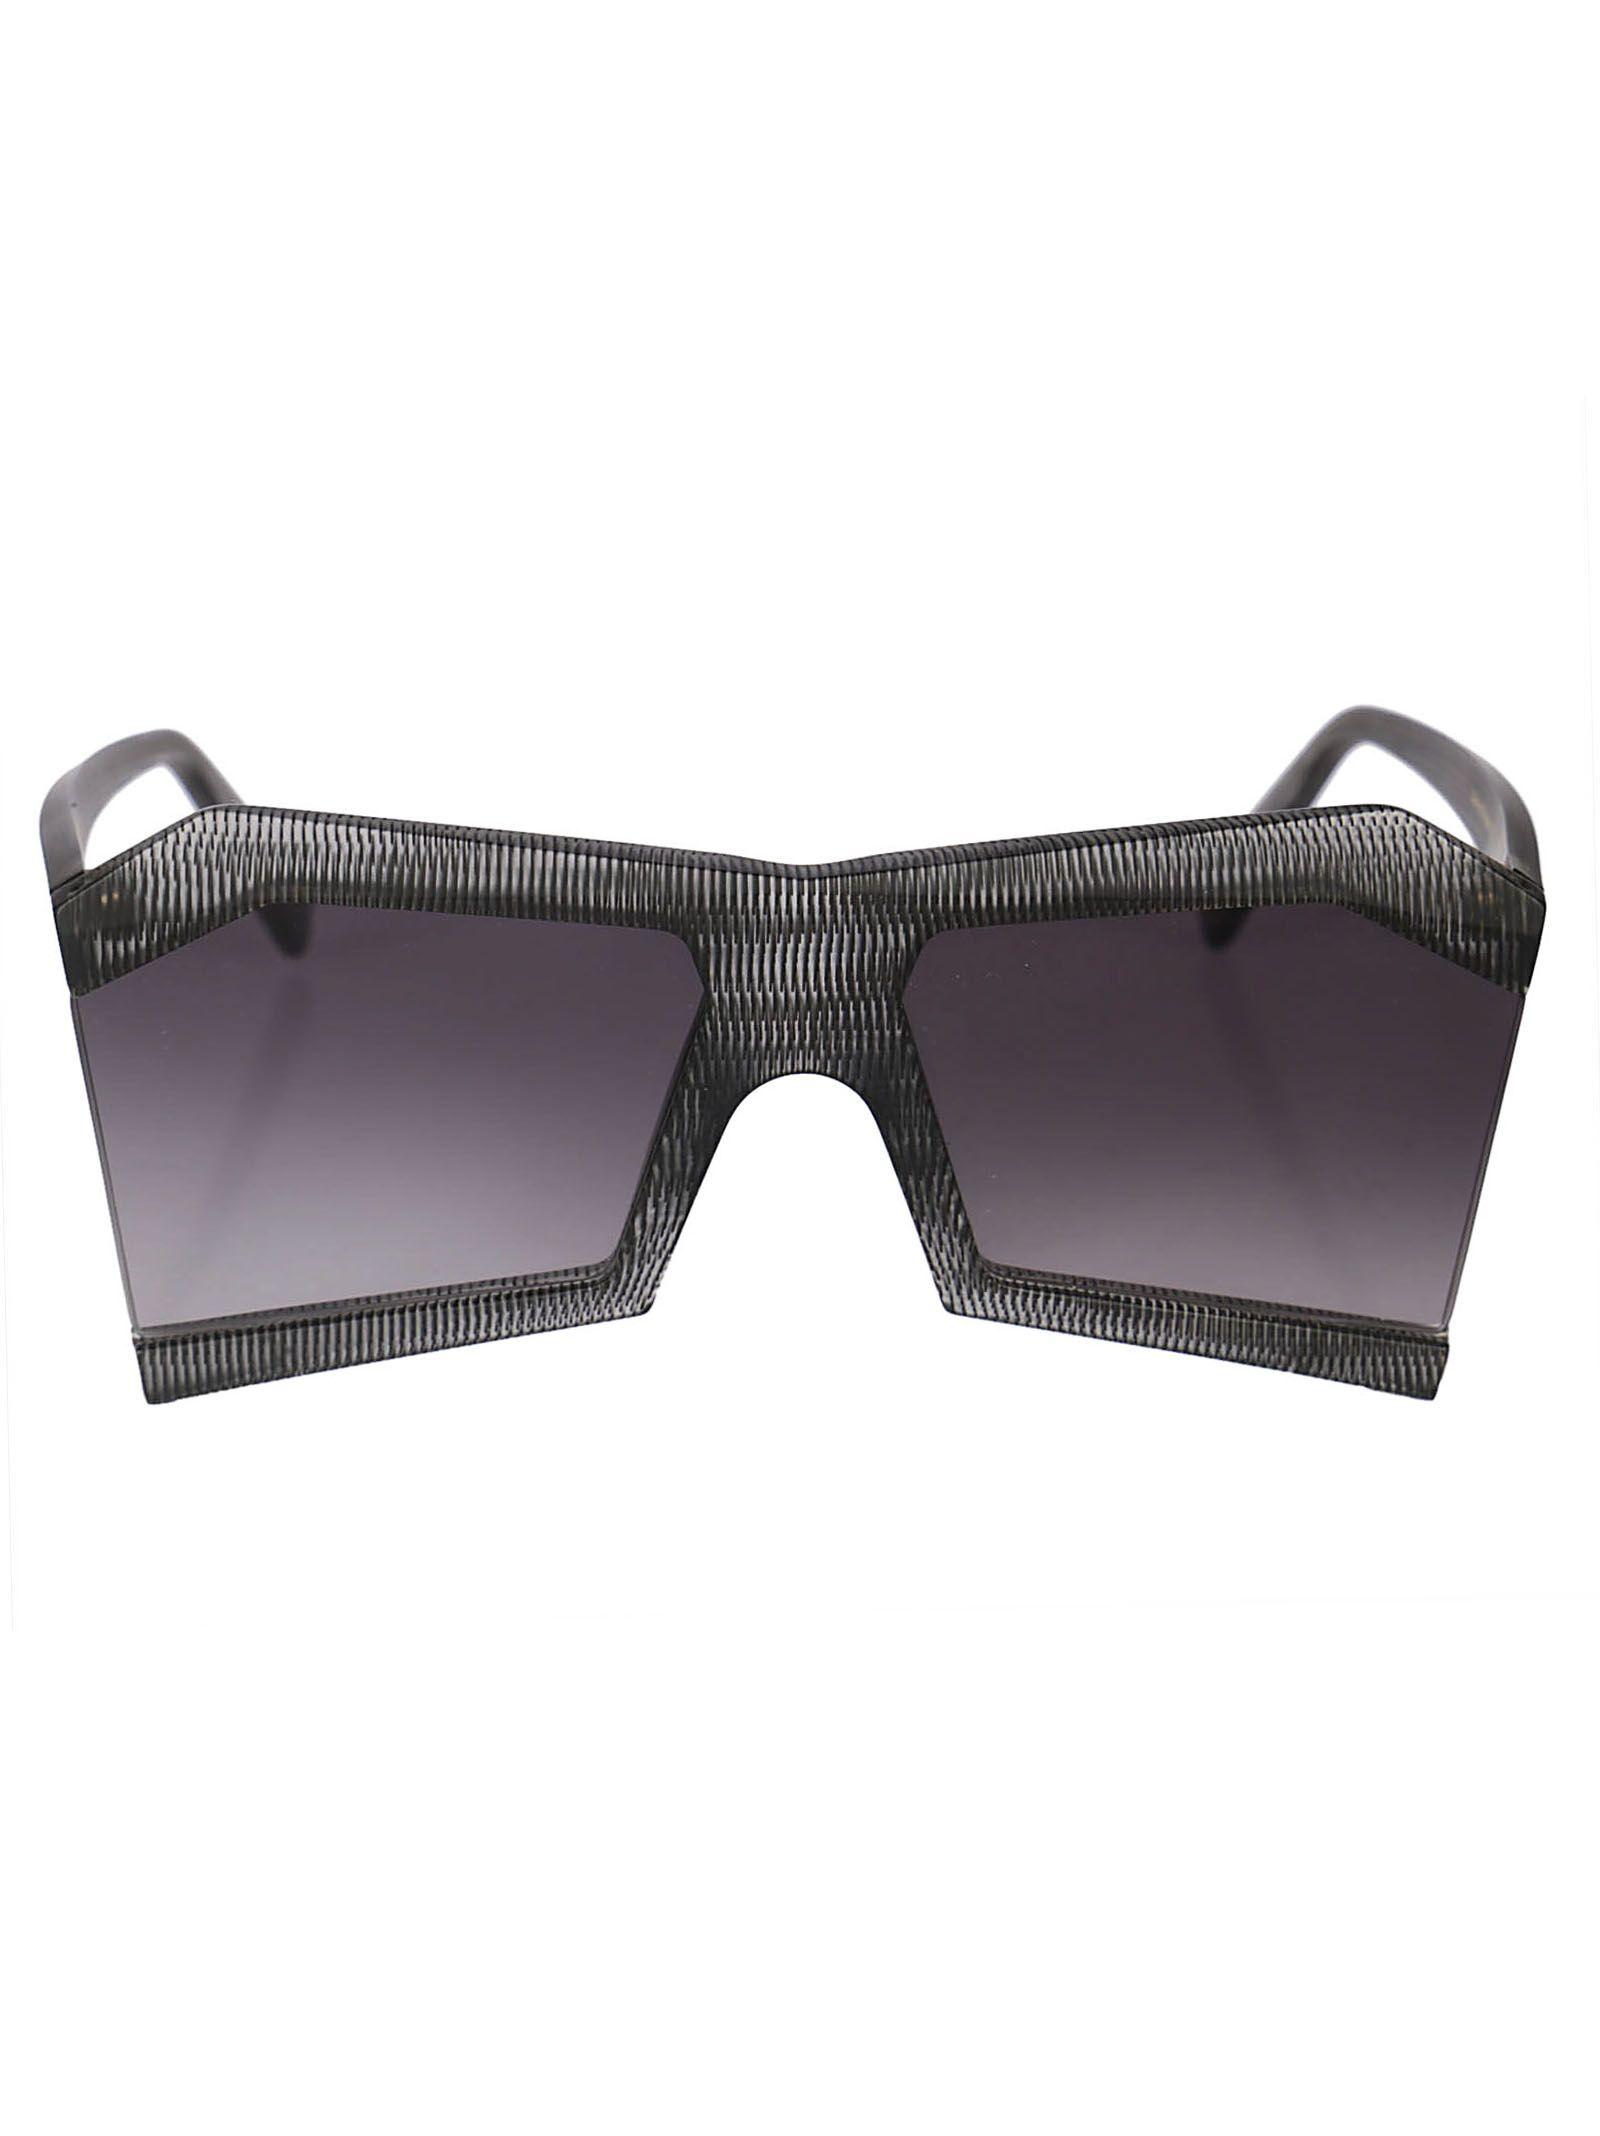 ROBERT LA ROCHE Robert Laroche Fancy Sunglasses in Gray